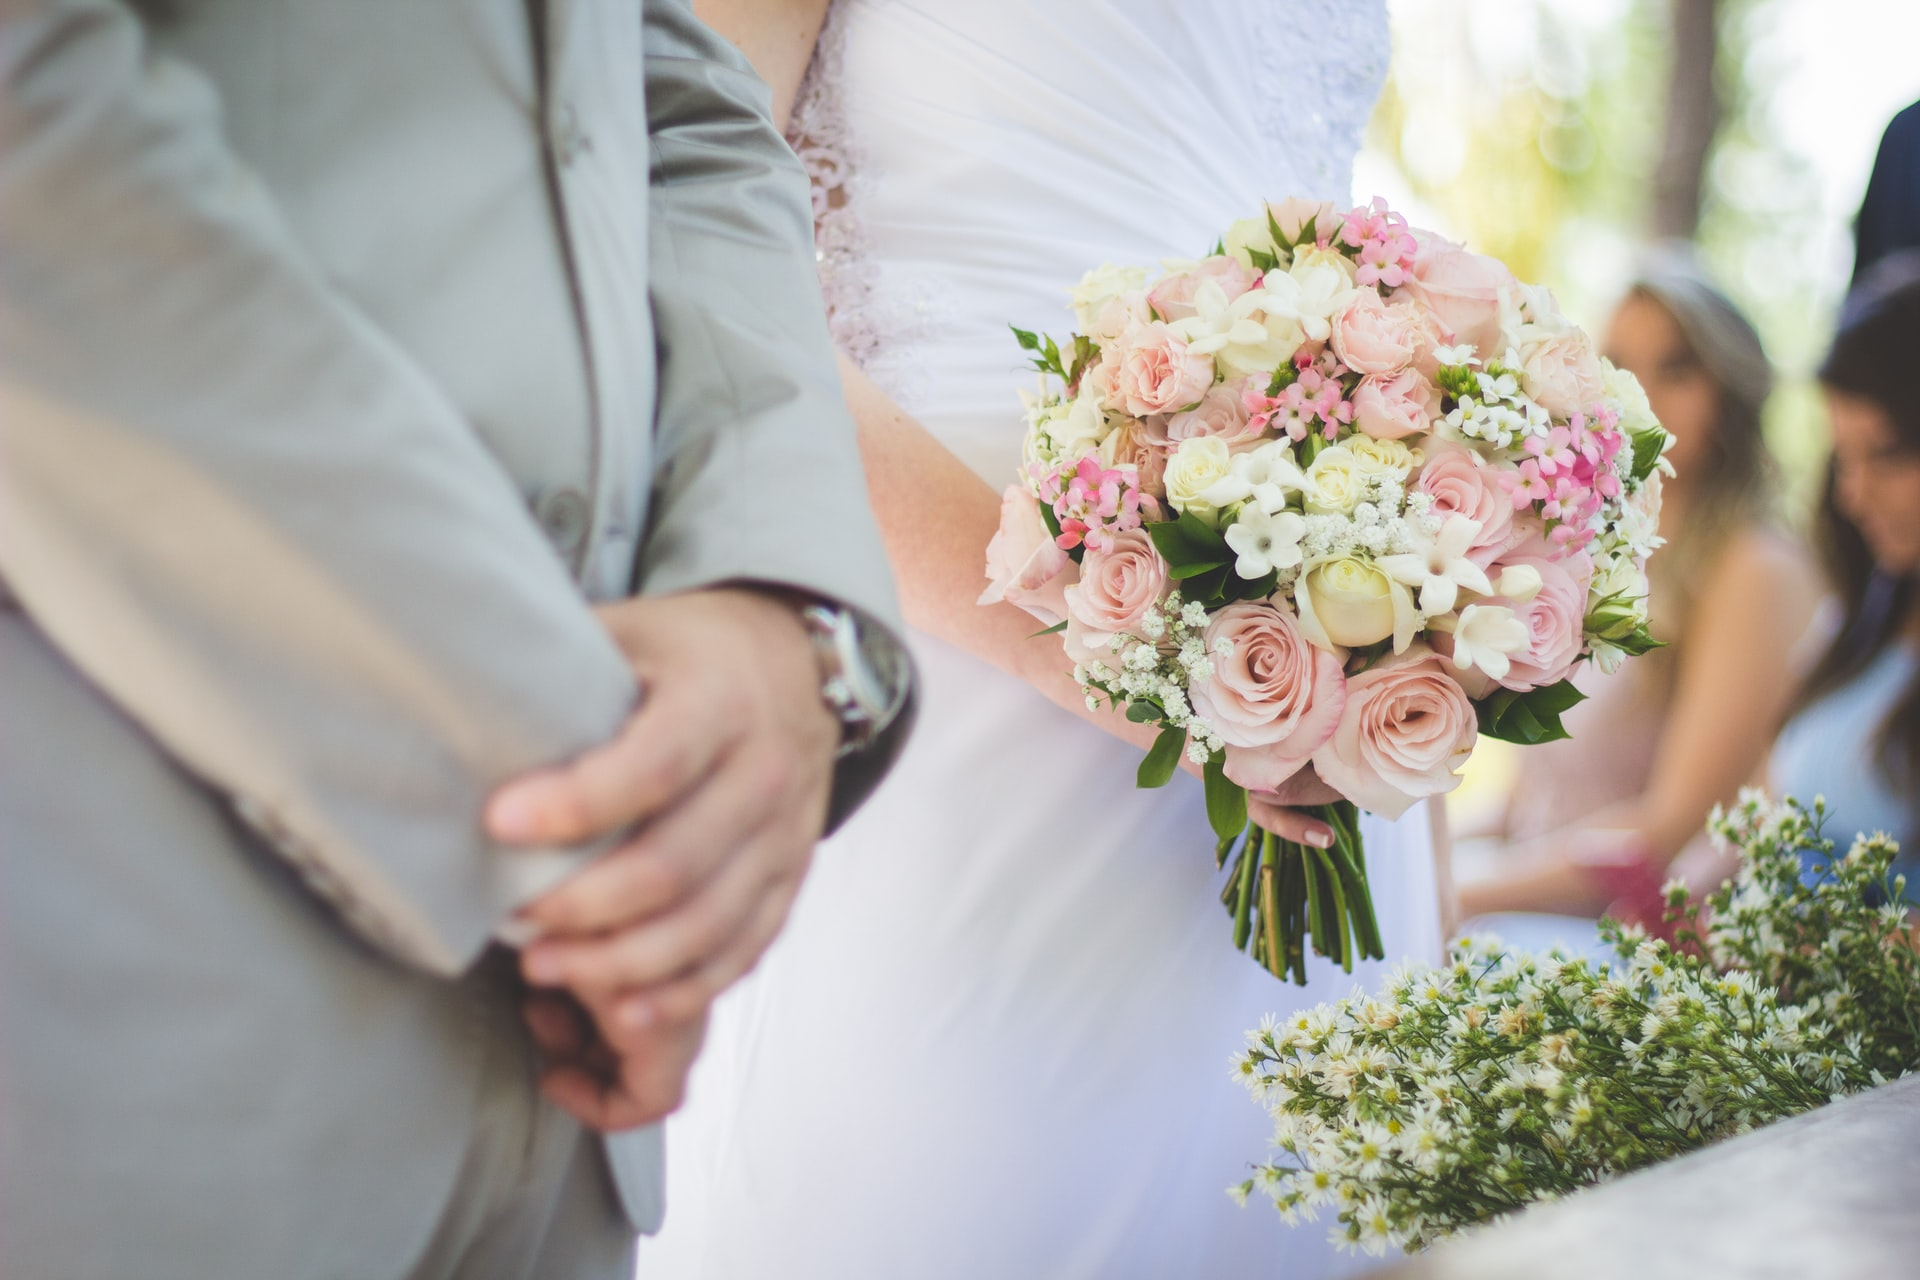 結婚適齢期